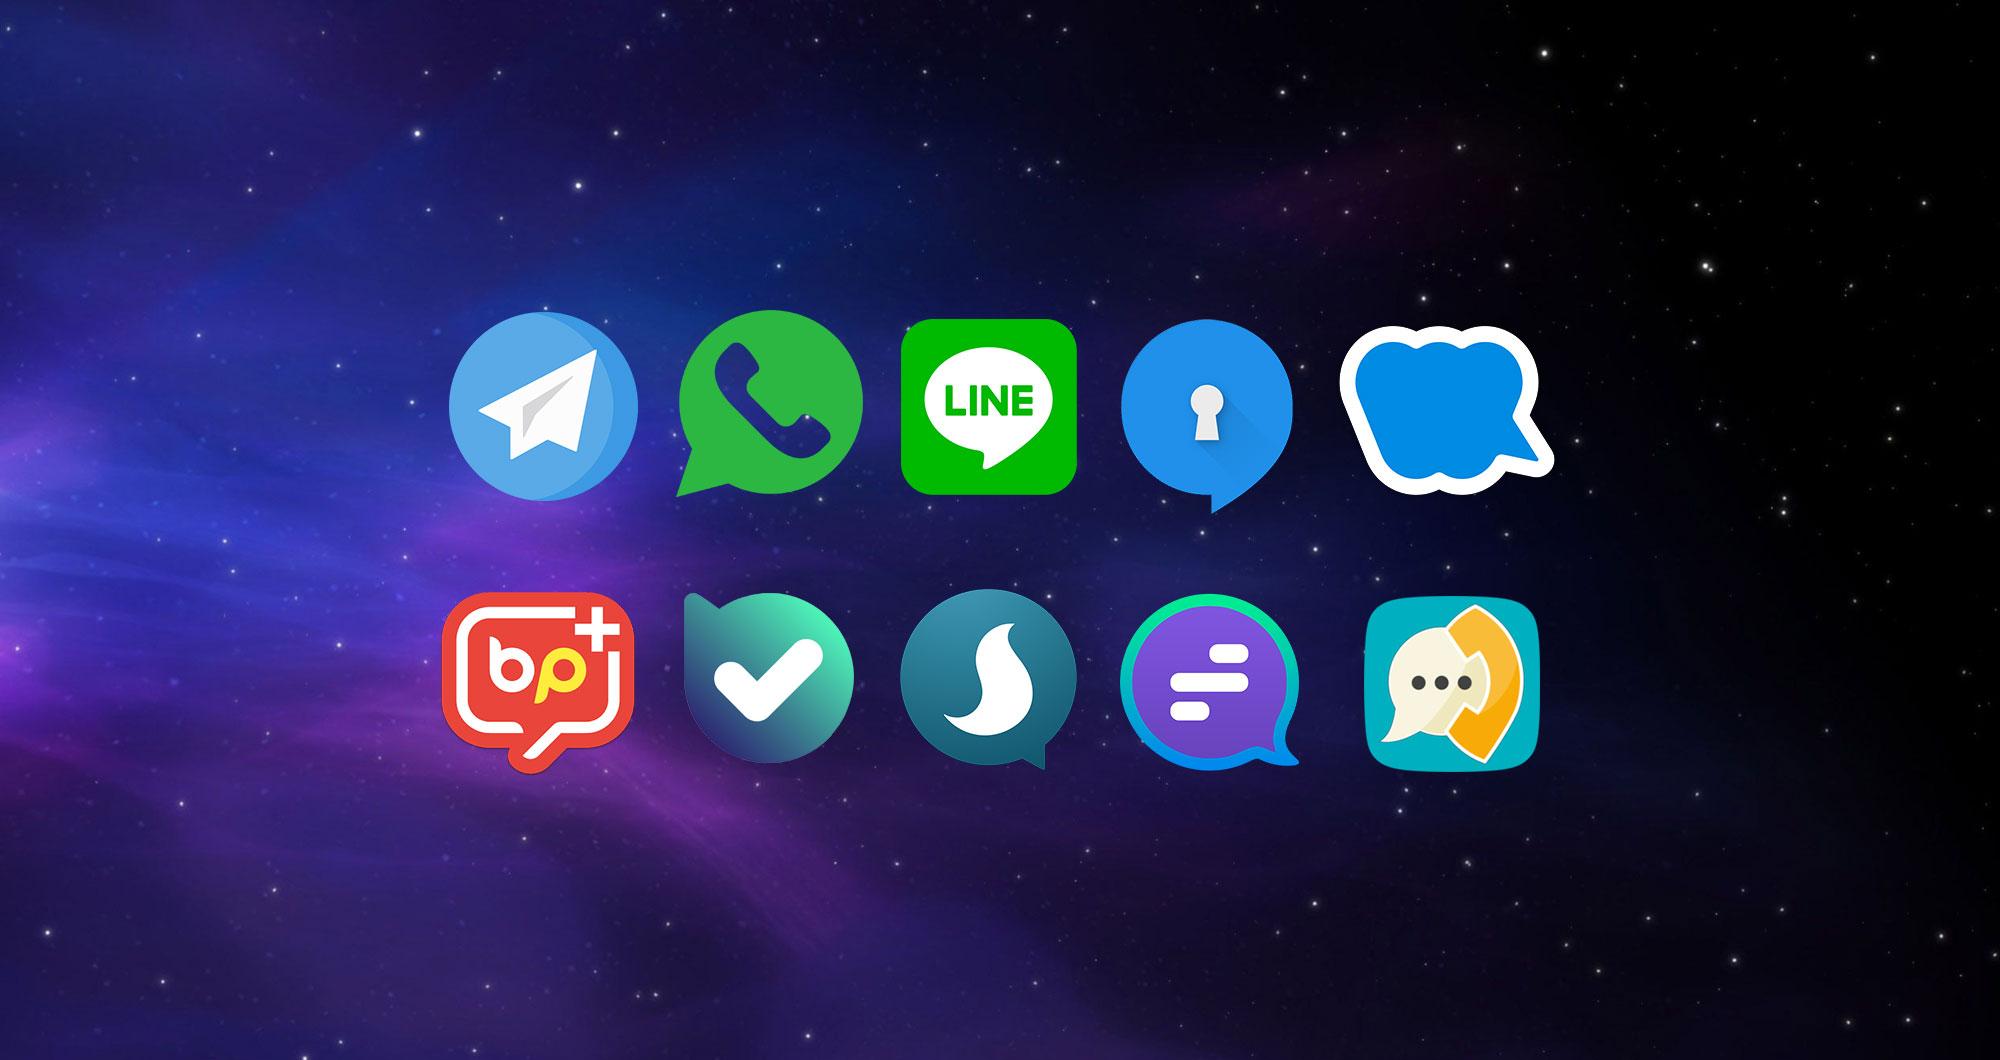 بهترین جایگزین تلگرام